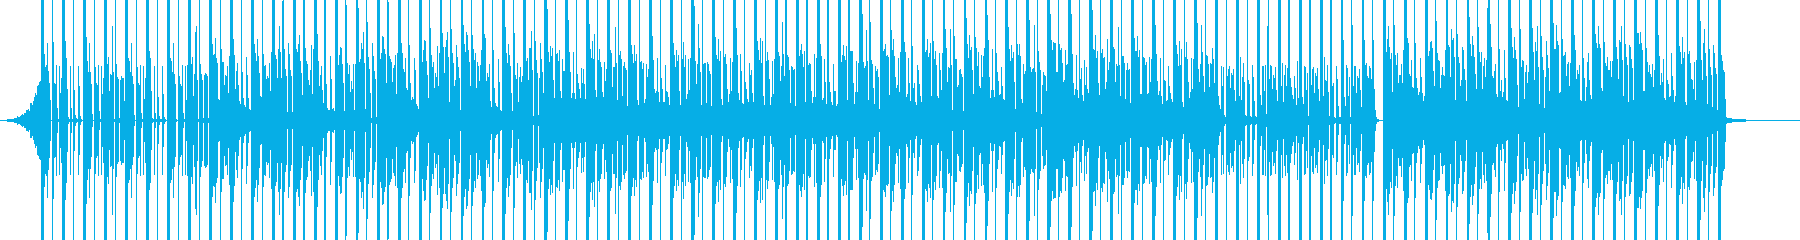 電気楽器。ヒップホップをテーマにし...の再生済みの波形